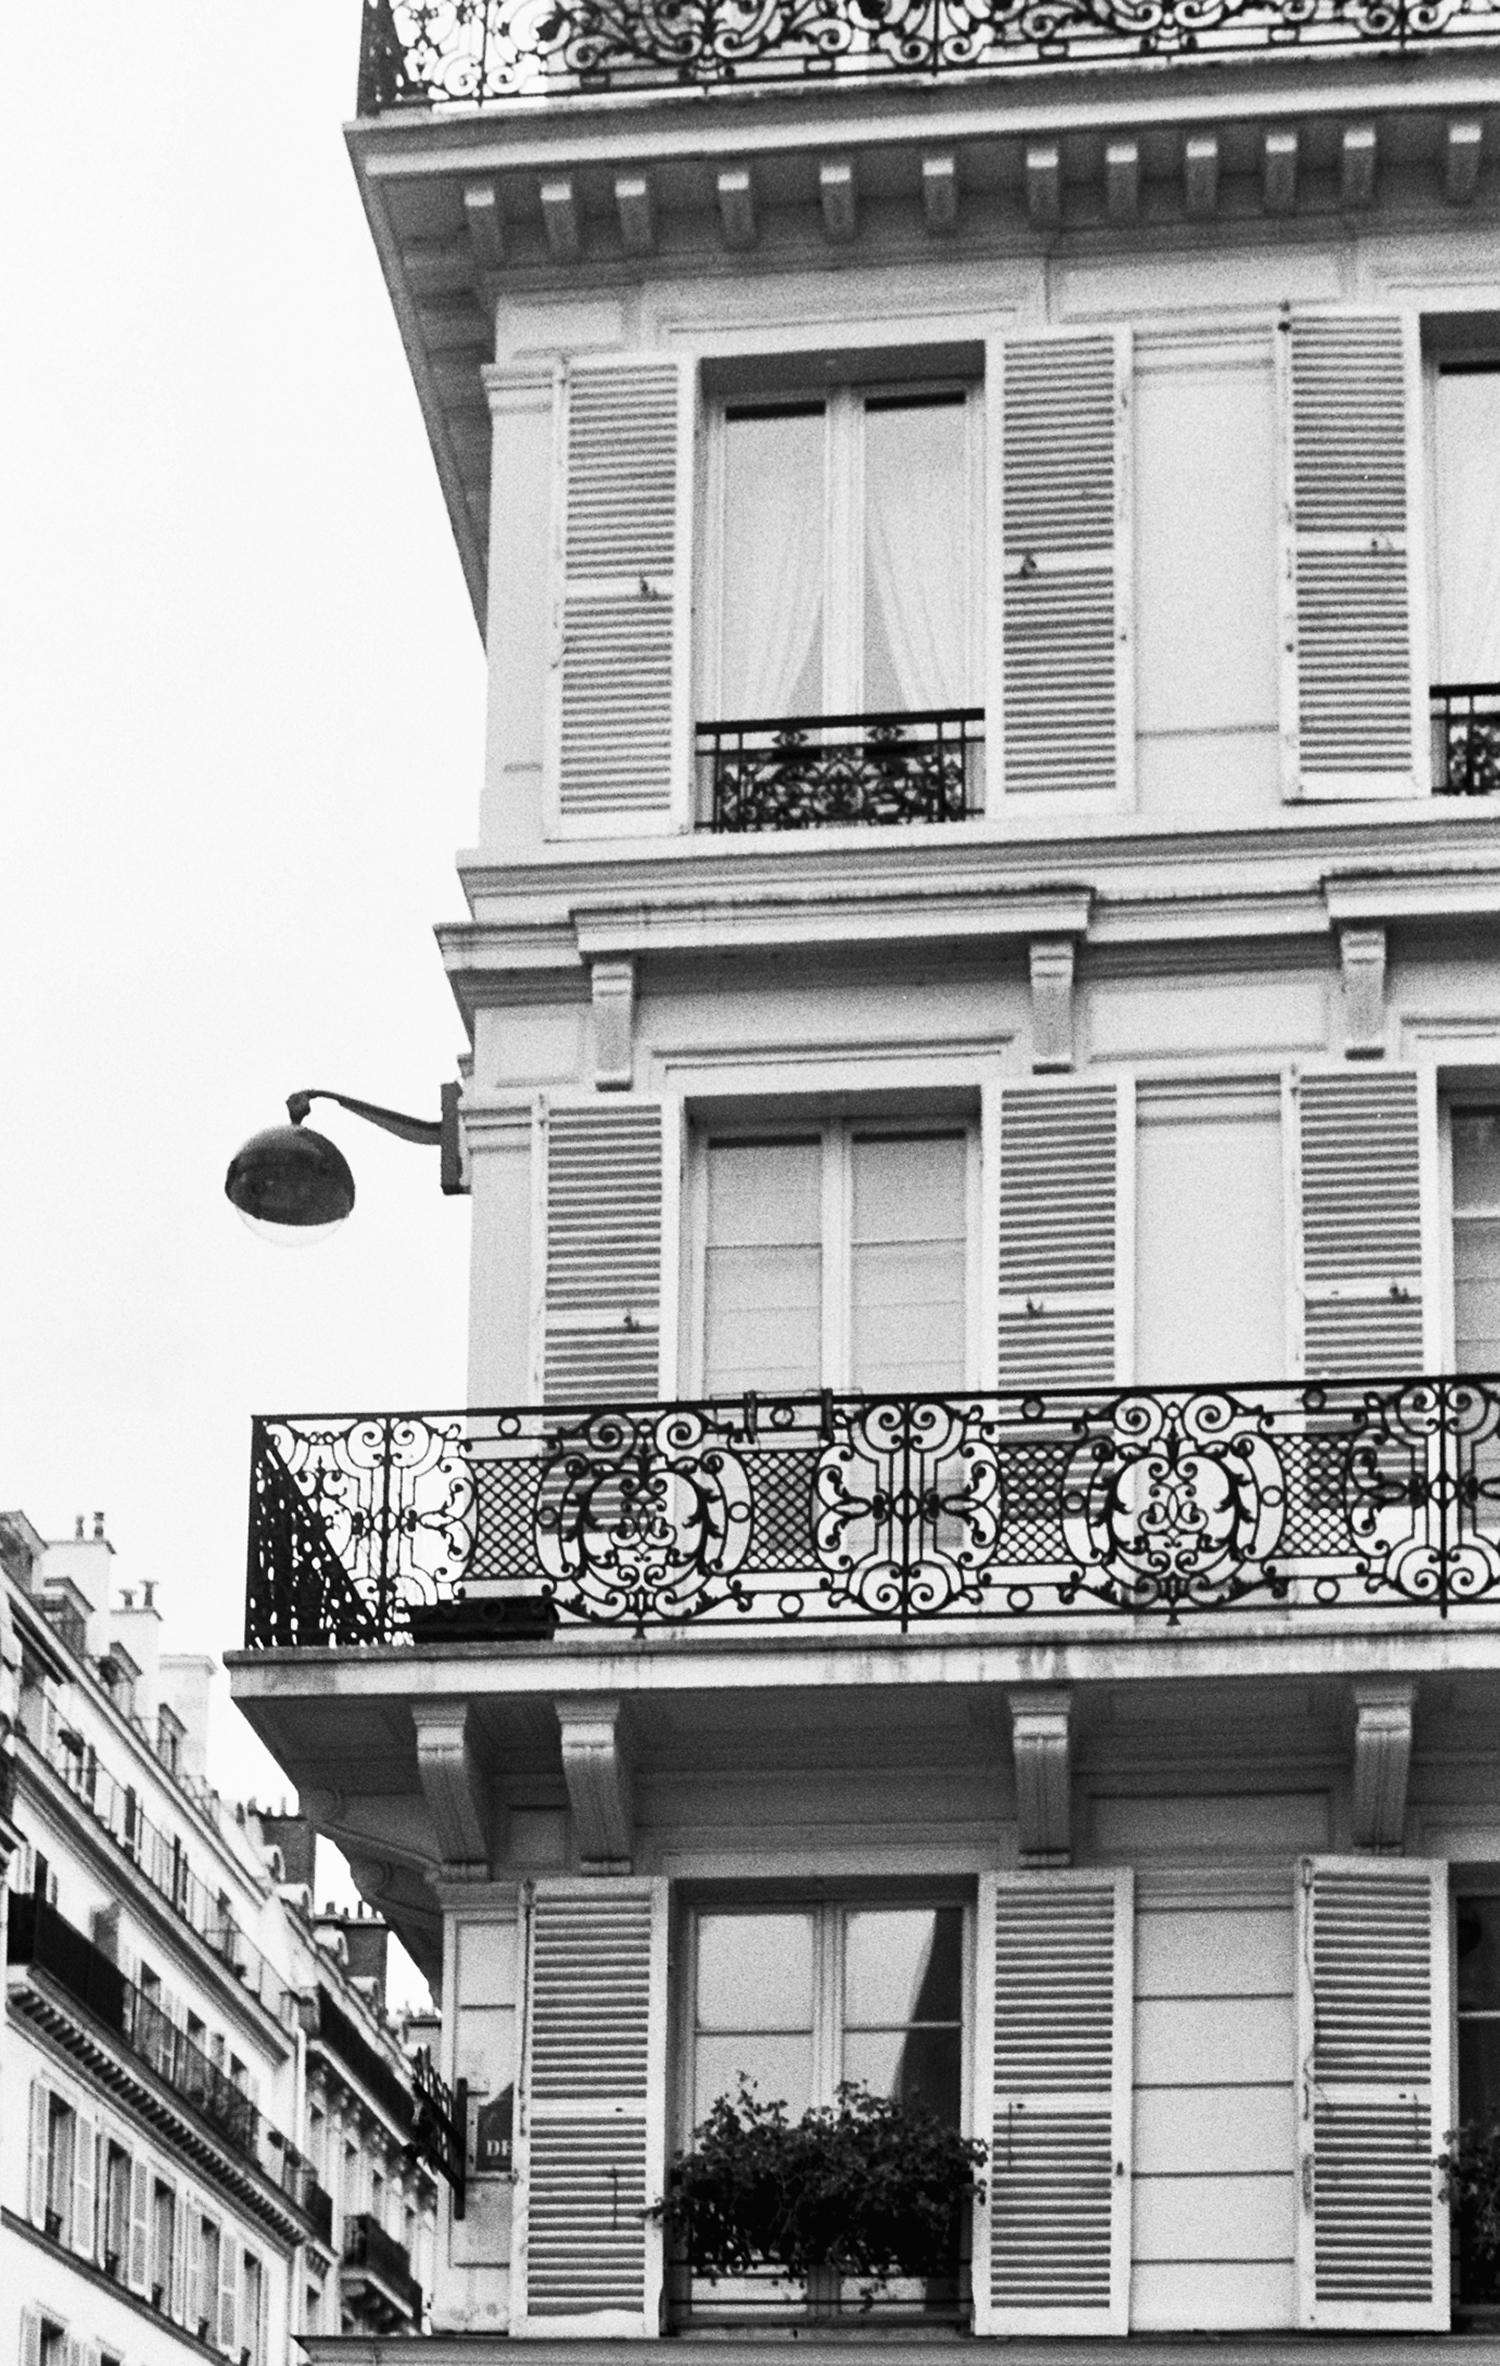 Paris_In_the_Winter050